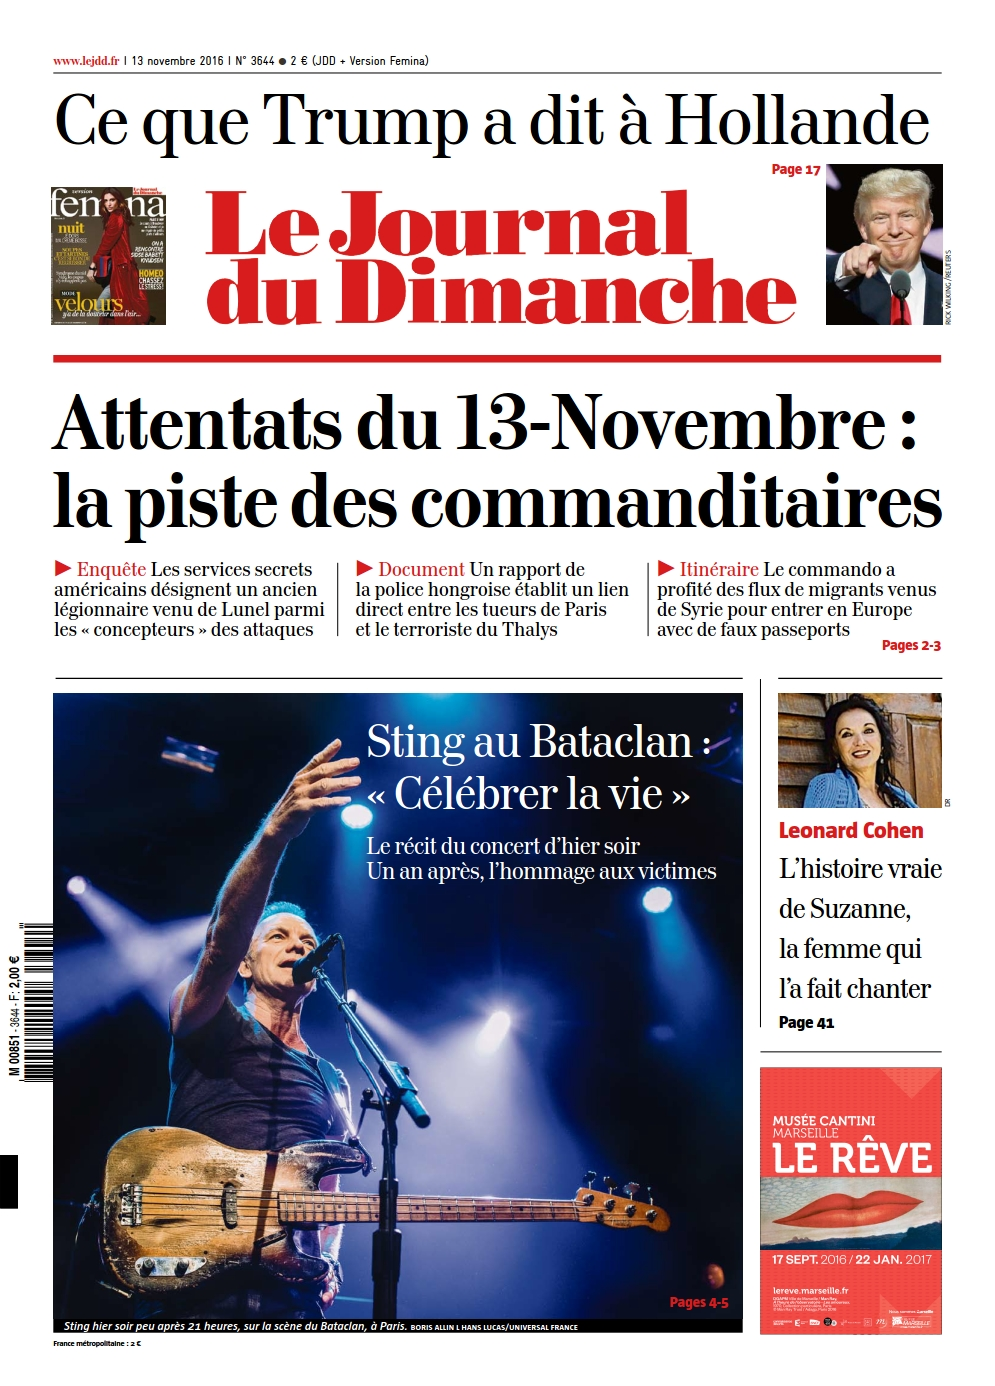 Le Journal du Dimanche 3644 du 13 Novembre 2016